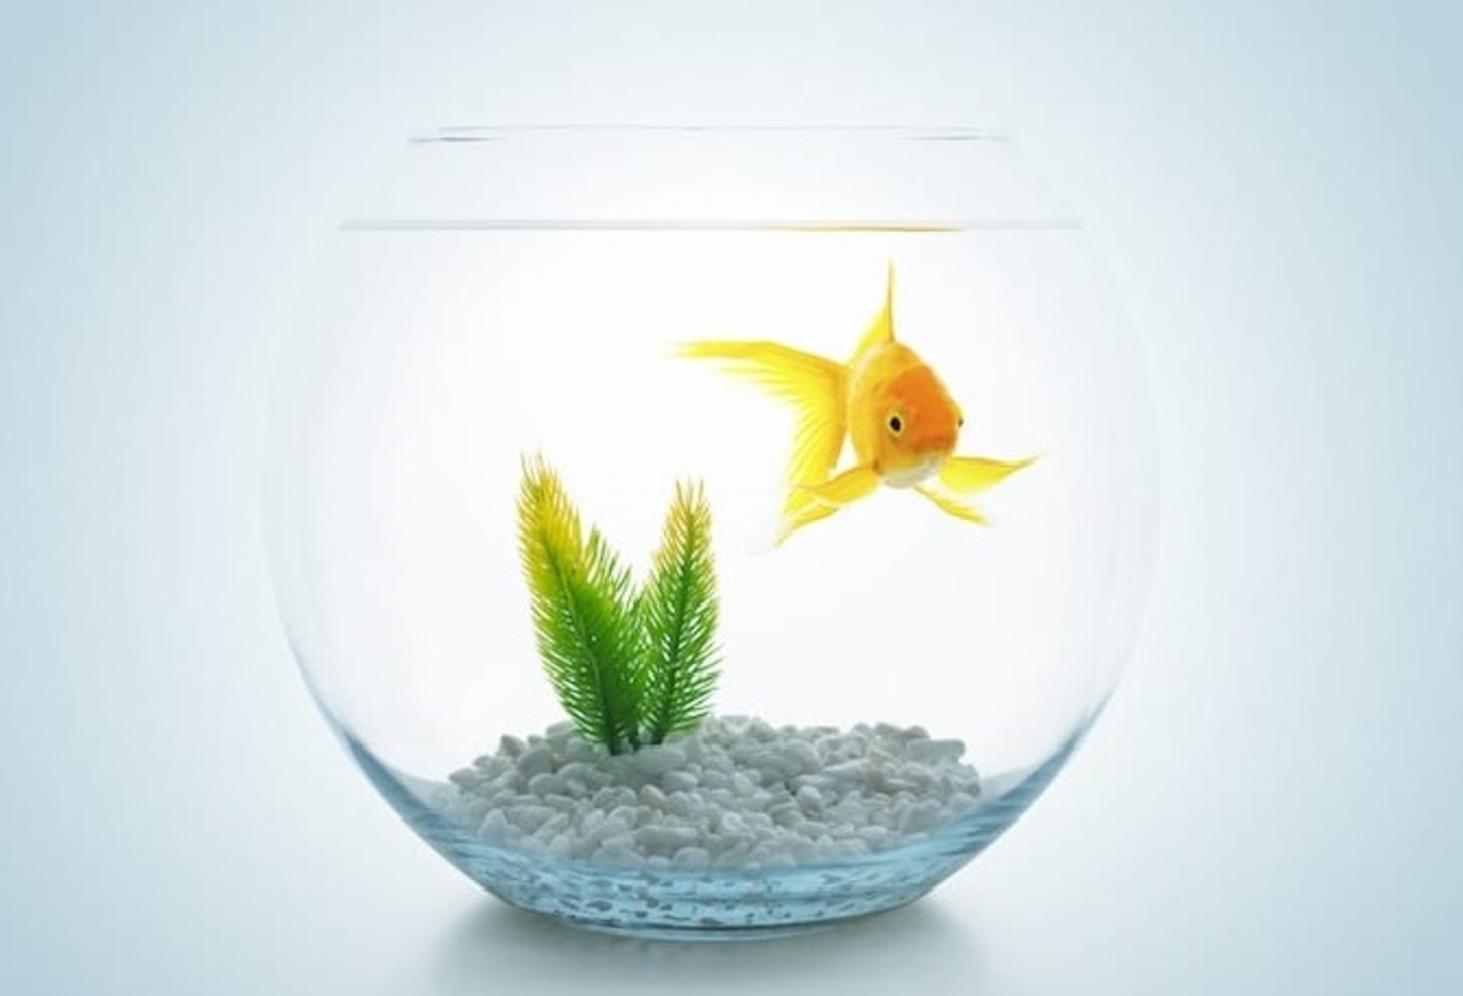 metod-akvarium-kak-vovlech-kazhdogo-uchenika-v-diskussiyu